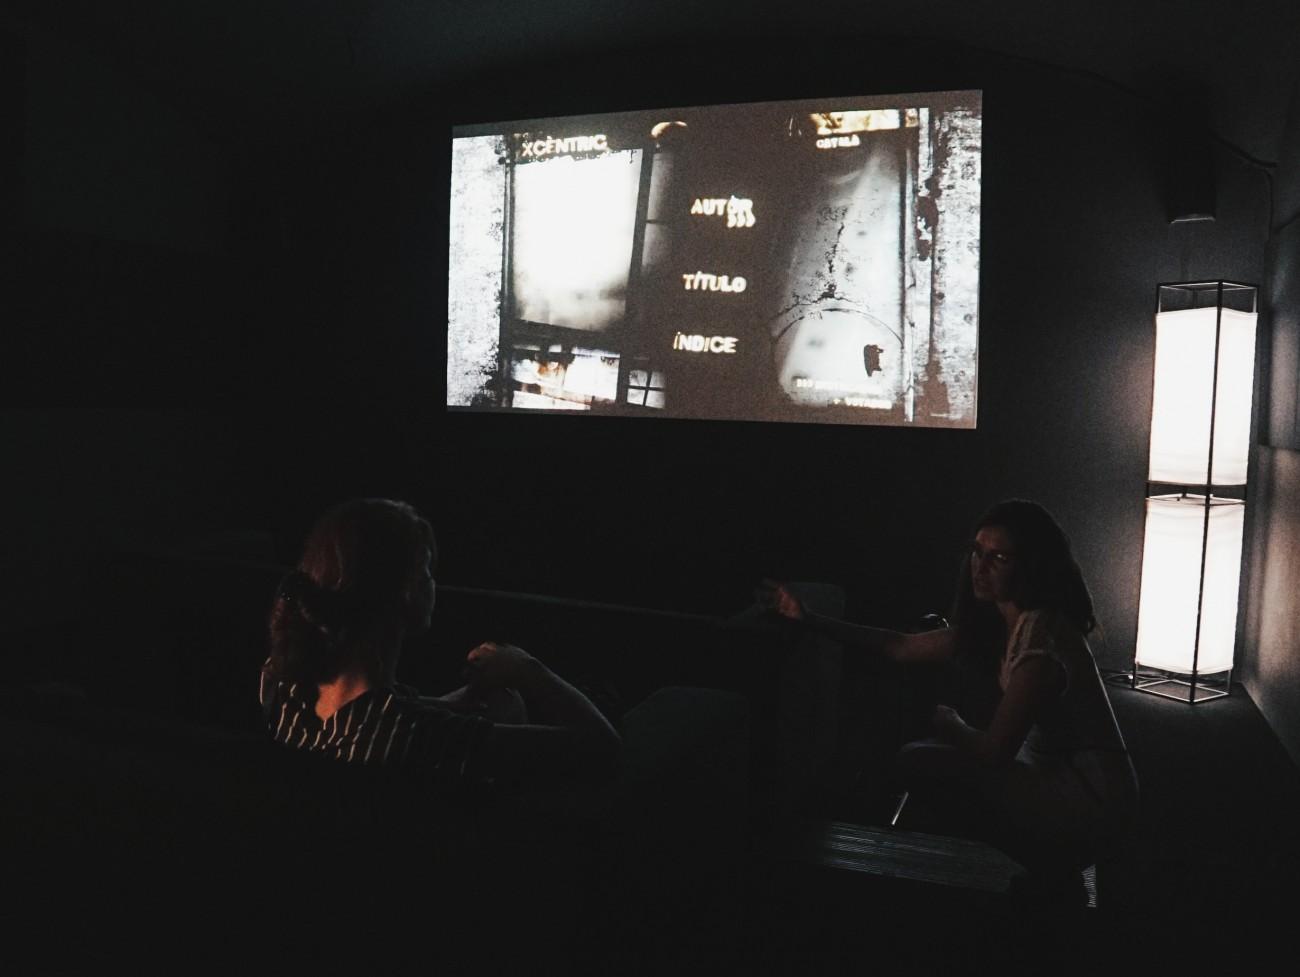 Gloria, la programmatrice de l'Xcèntric, nous fait découvrir l'Arxiu : l'espace d'archives numériques dédié au cinéma expérimental et documentaire. Des postes individuels et une salle de cinéma sont à disposition du public pour des consultations gratuites de tout le catalogue numérisé. Nous en profitons pour y découvrir de nombreuses pépites comme le travail de l'artiste Laida Lertxundi.